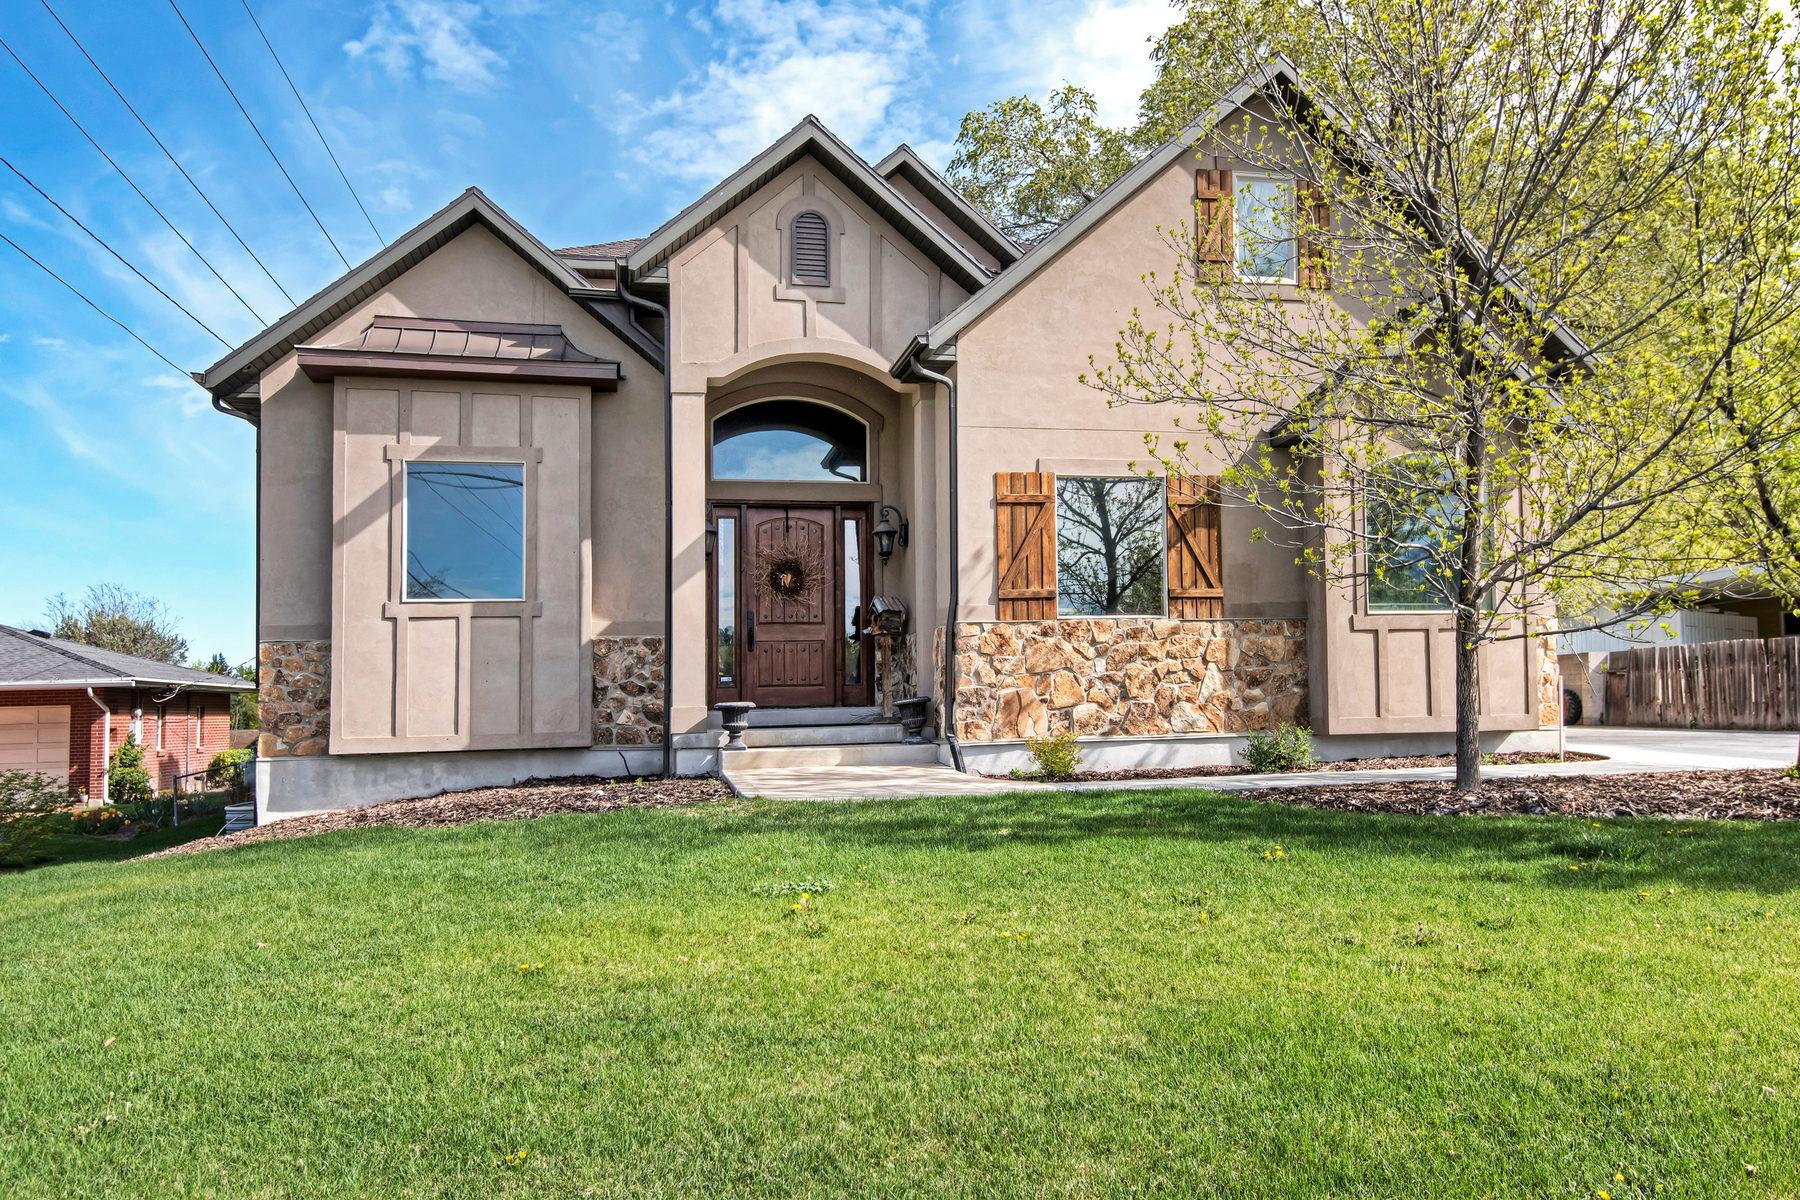 Частный односемейный дом для того Продажа на New Kid On The Block 1995 E Siggard Dr Salt Lake City, Юта, 84106 Соединенные Штаты